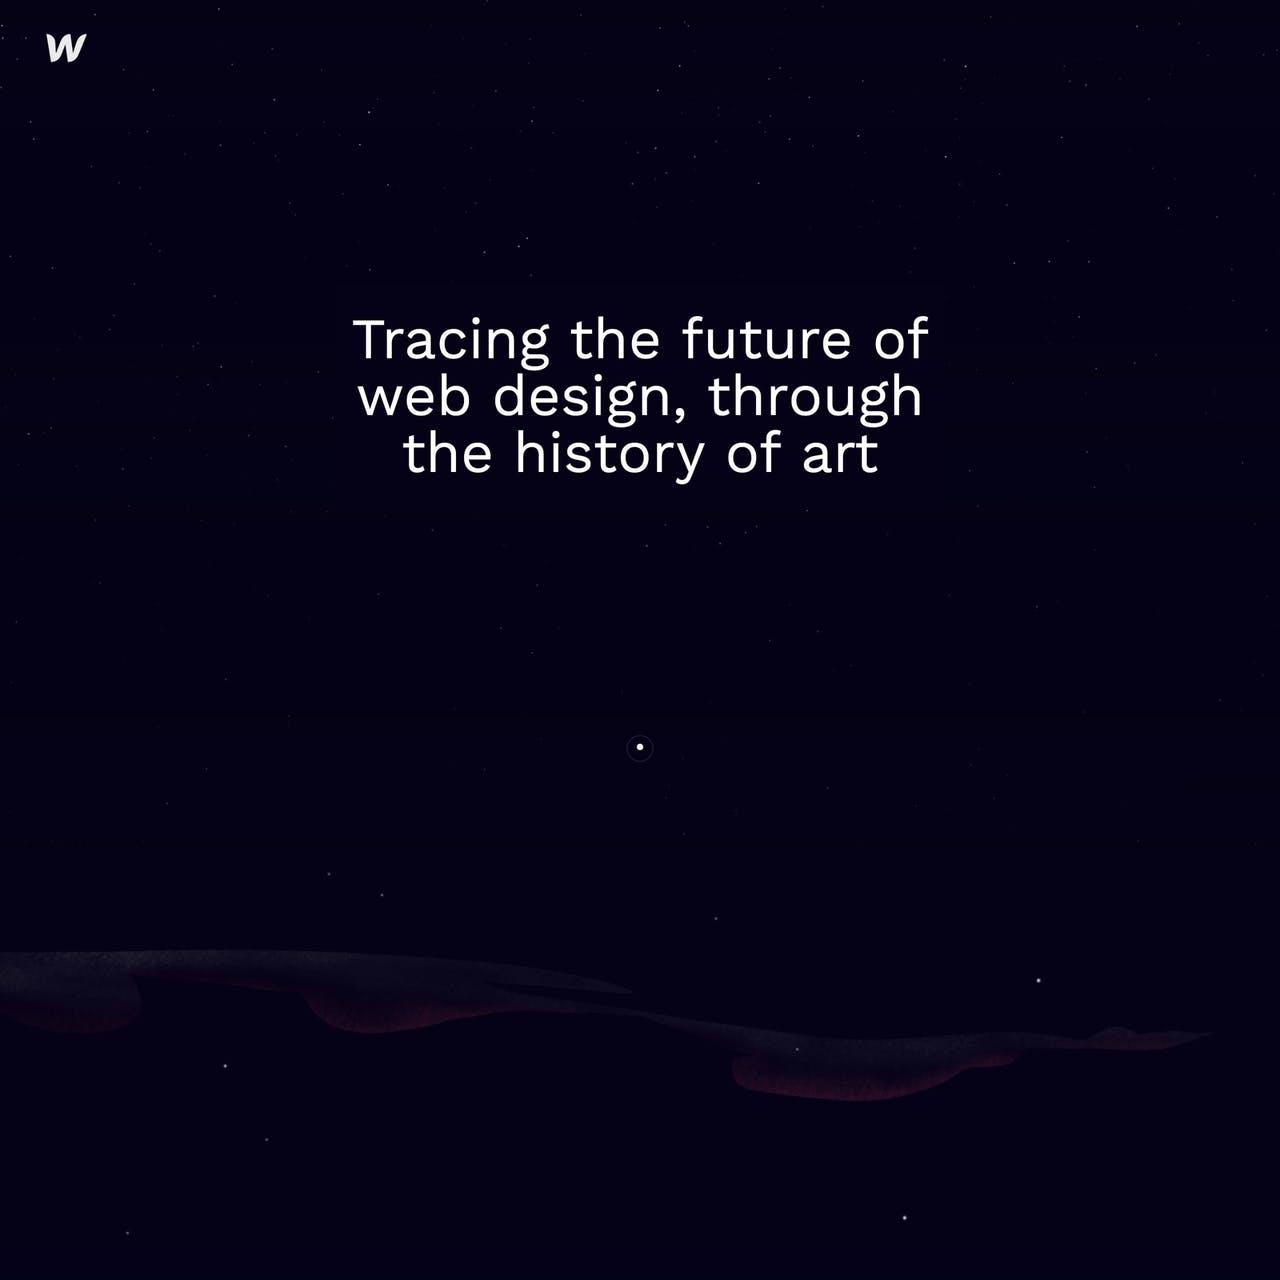 Web design & art history Website Screenshot